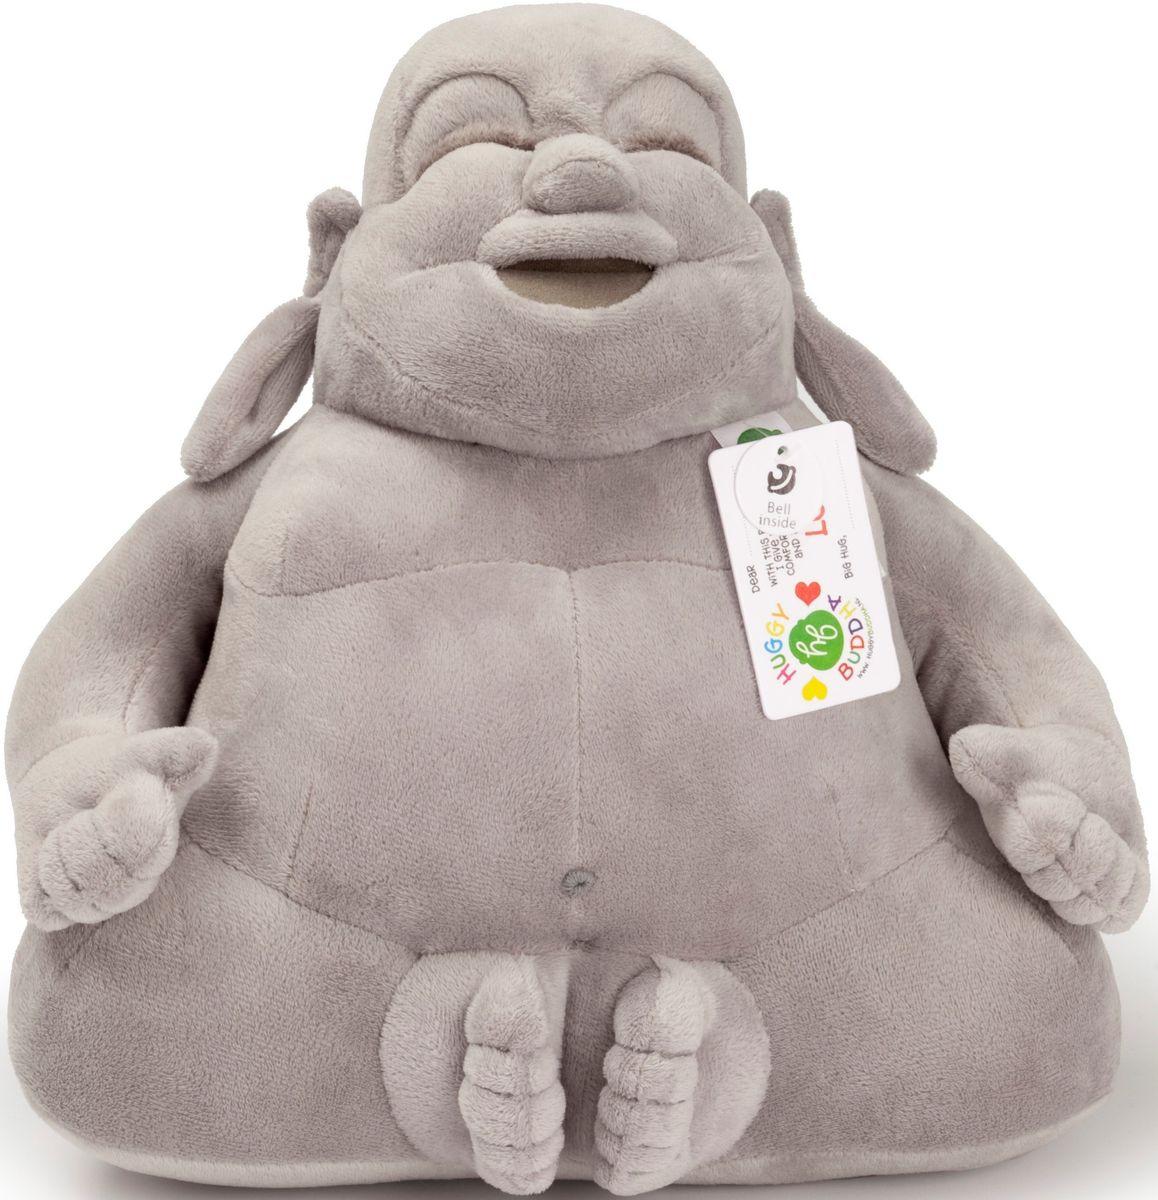 Мягкая игрушка Huggy Buddha Original - 1